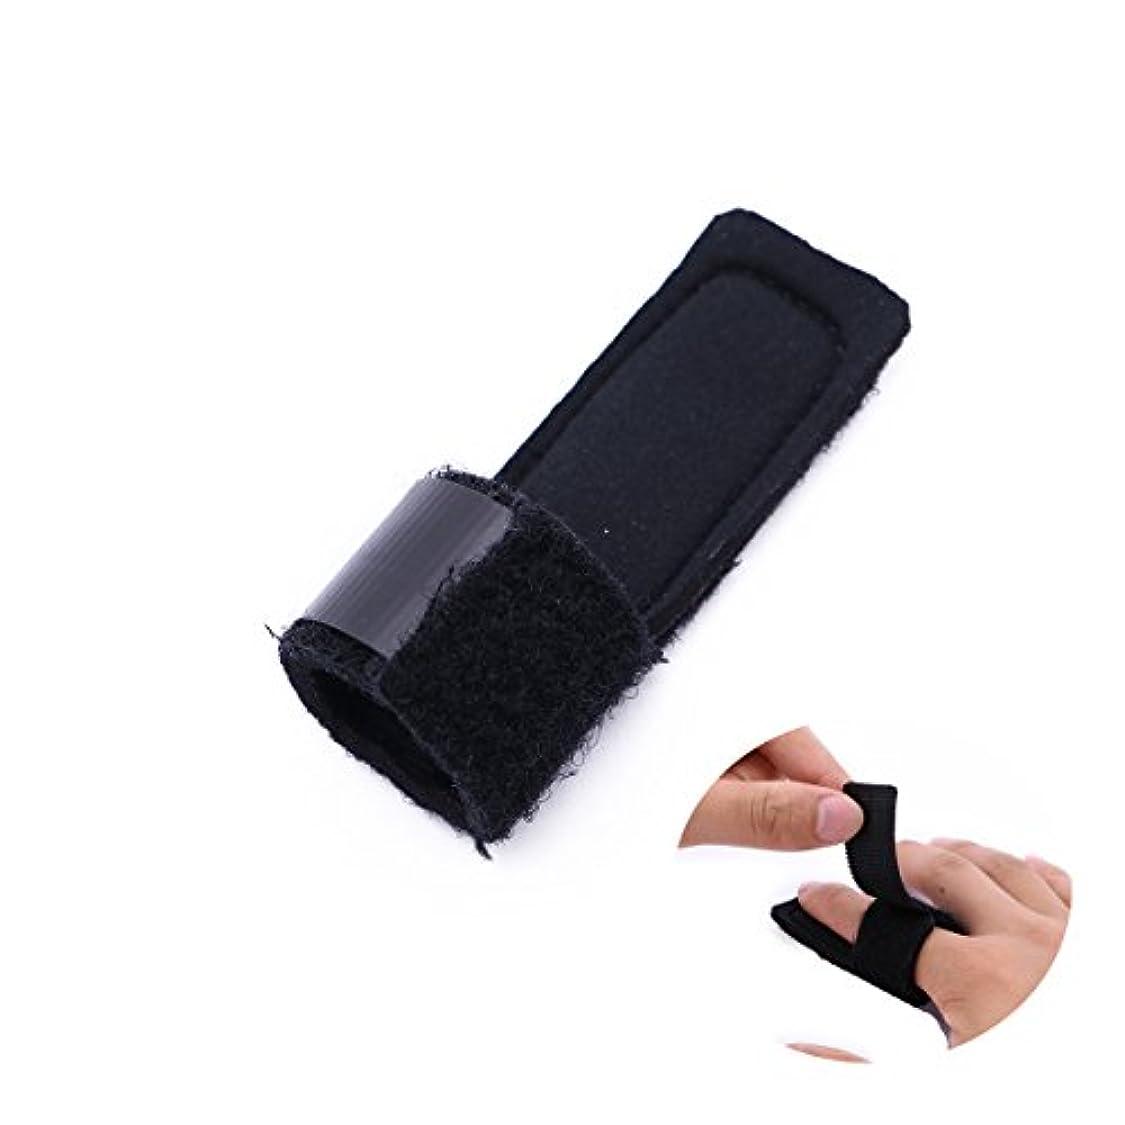 引き付ける寛容な優雅なSUPVOX 指の添え木マレット指の支柱の引き金のための骨折の接合箇所の添え木プロテクター